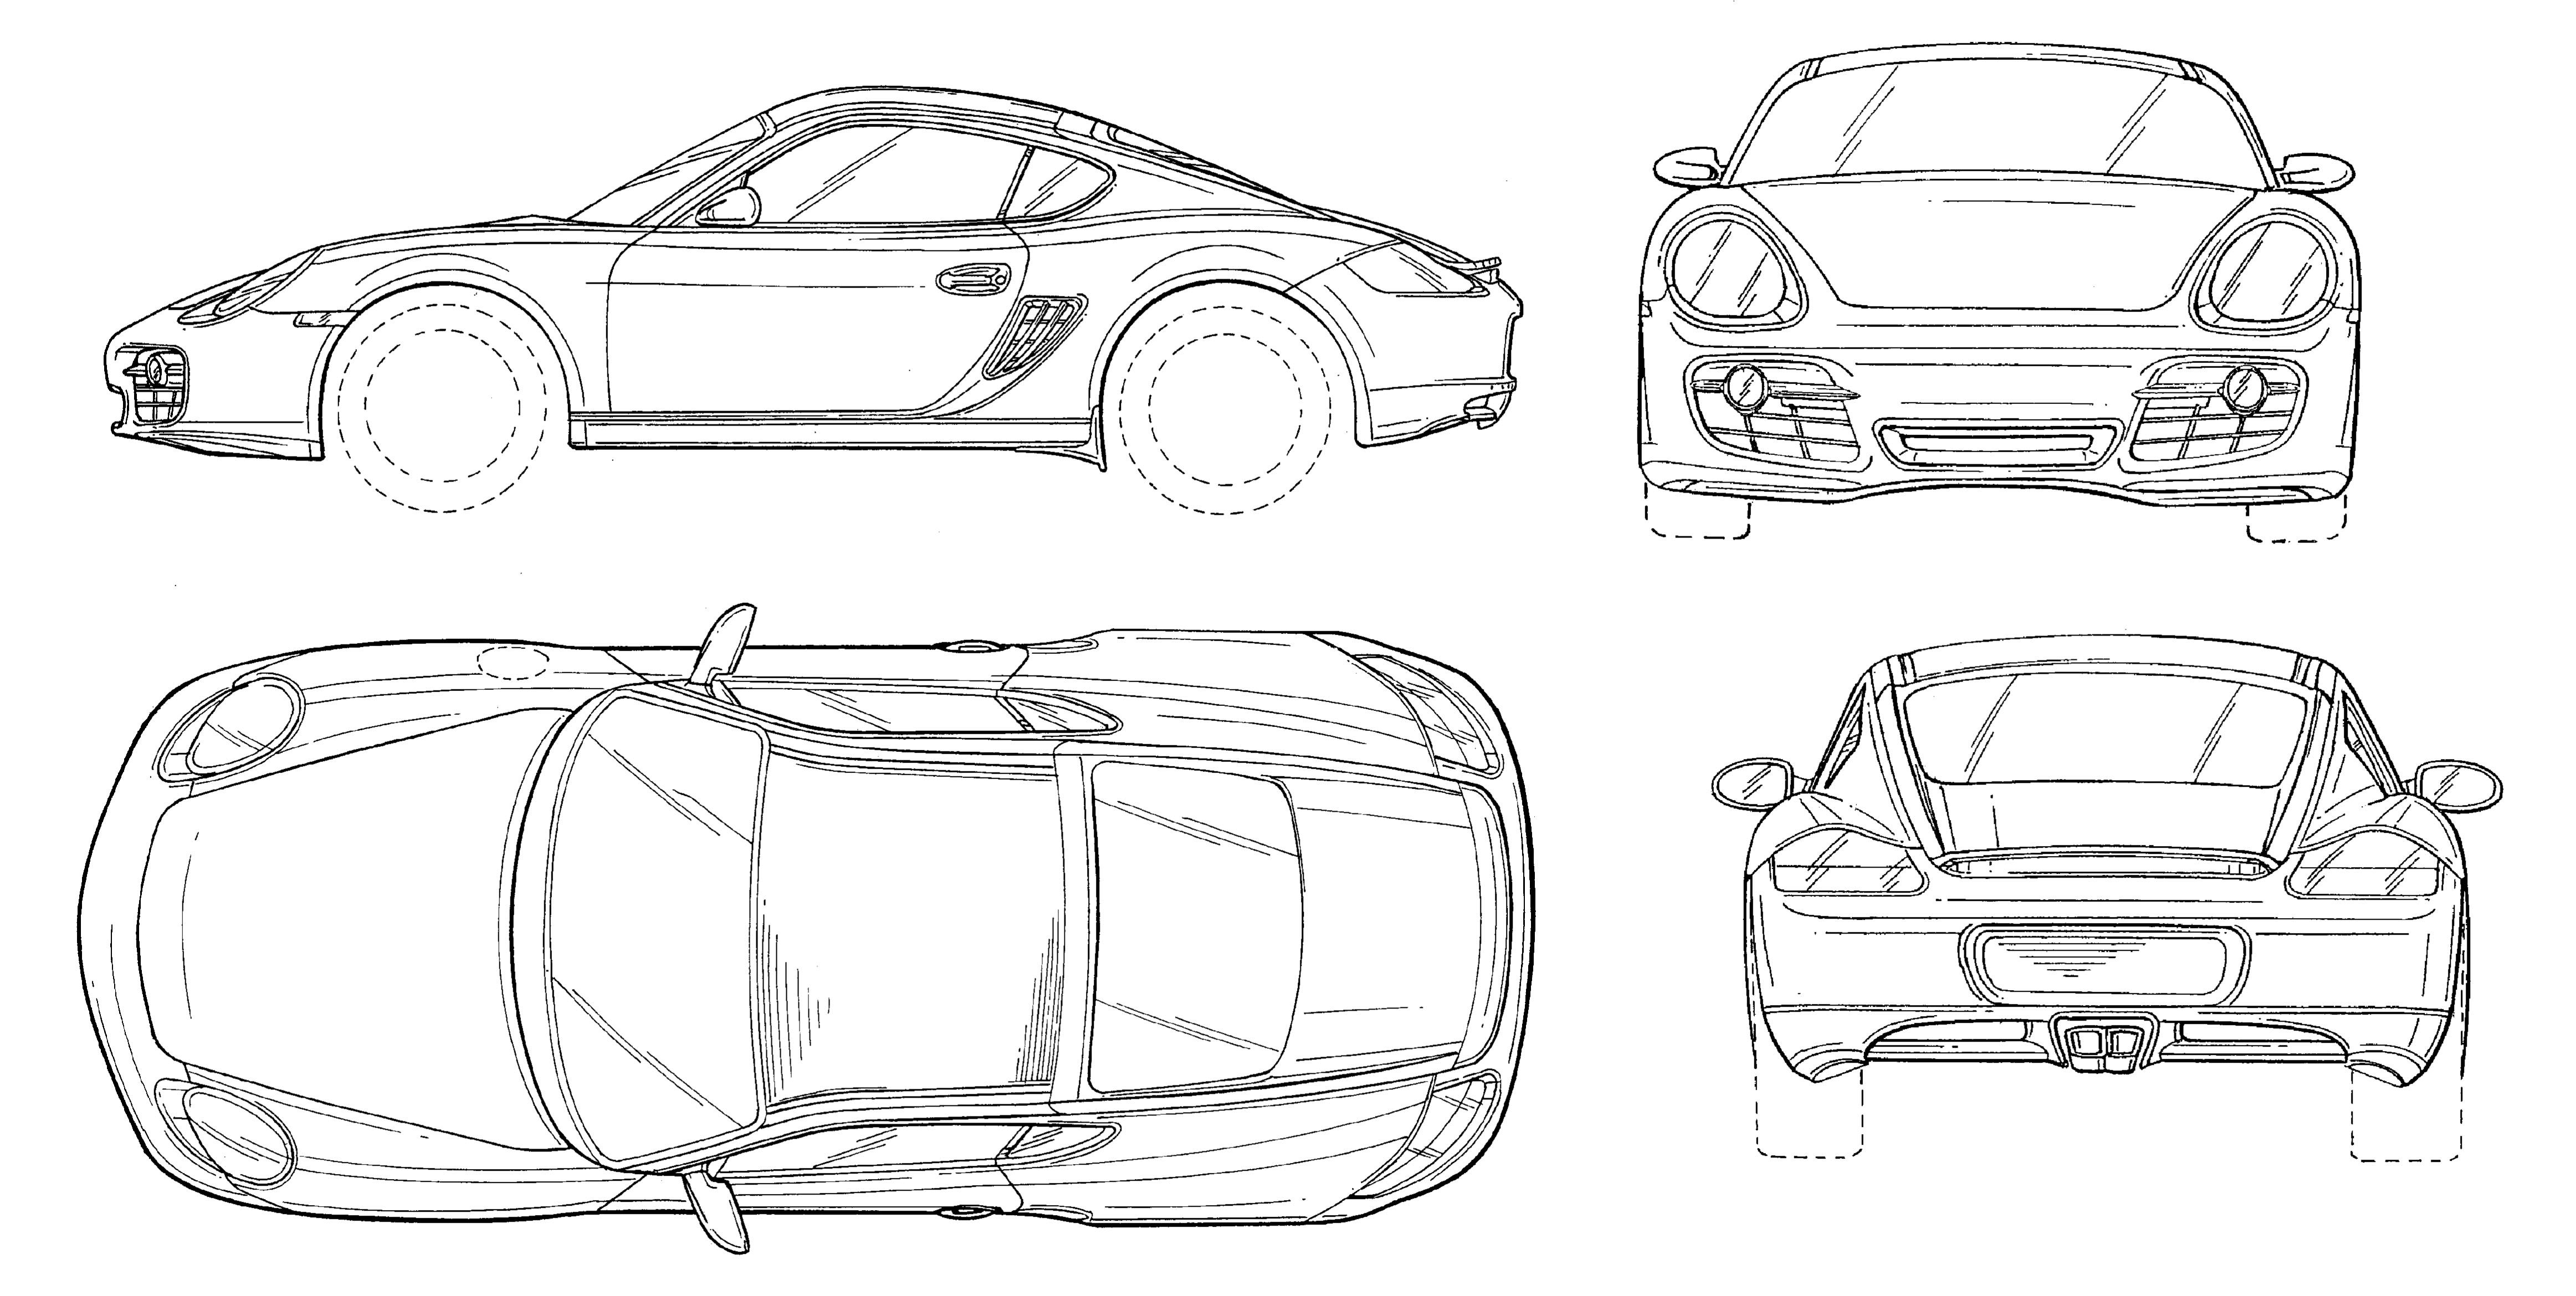 Porsche cayman blueprint cars pinterest cars porsche cayman blueprint malvernweather Choice Image